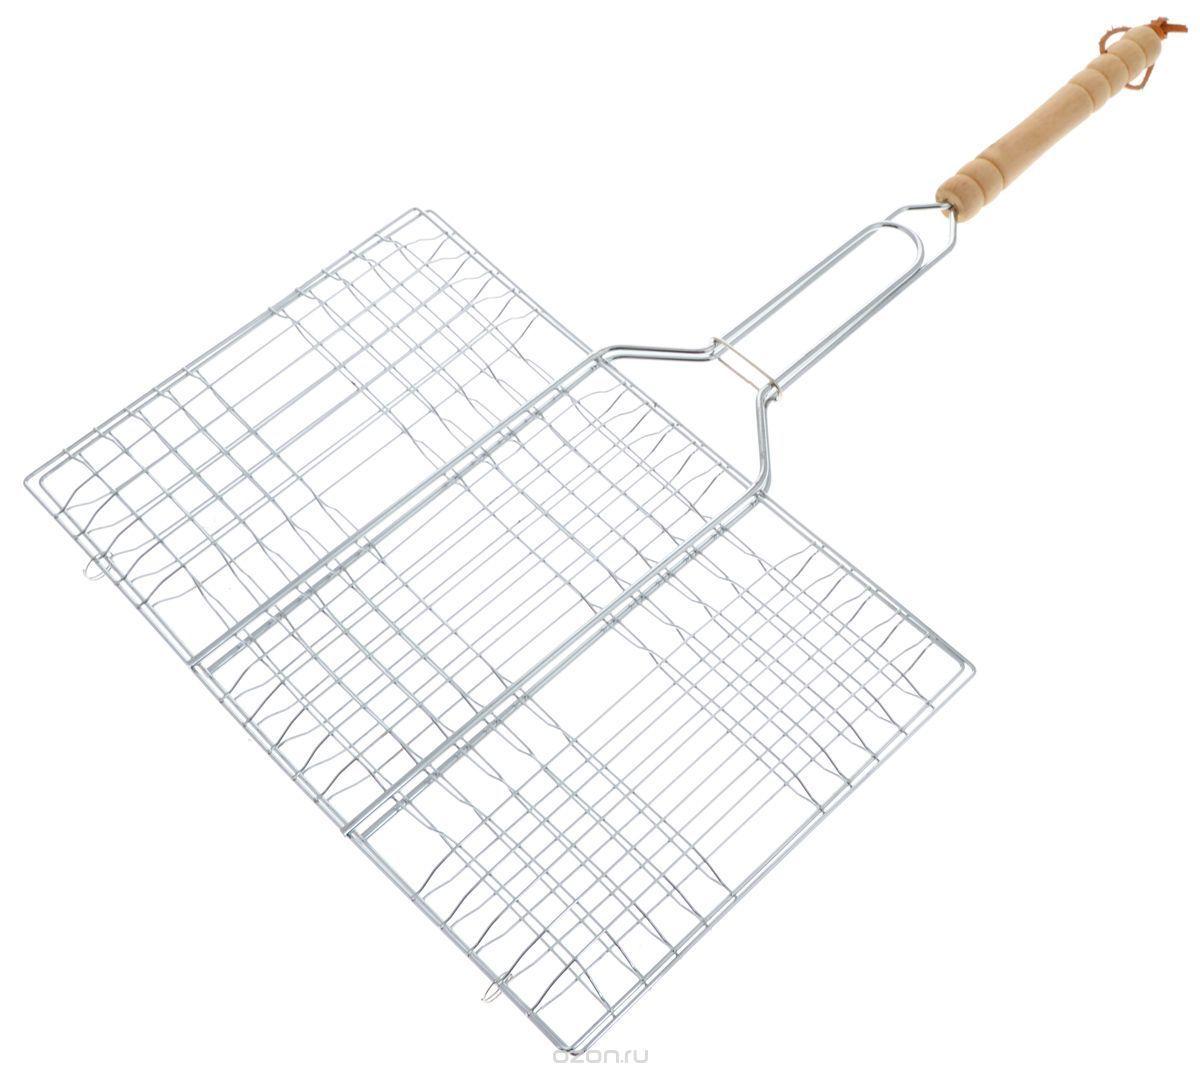 Решетка для барбекю Отдых (22*34*1,5 см)Товары для отдыха<br>Ищите замену традиционным шашлыкам?<br><br><br>Готовьте с помощью решётки для барбекю «Отдых»!<br><br><br> <br><br>Решётка используется для приготовления блюд из мяса, курицы, рыбы или овощей на углях. Решётка выполнена из стальной хромированной проволоки, ручка - из дерева, благодаря чему она не нагревается. На ручке также имеется кольцо, позволяющее зафиксировать решётку в нужном положении. <br><br>  <br> <br><br><br>Преимущества решётки:<br><br> <br> - Прочный долговечный материал <br> - Не нагреваемая деревянная ручка <br> - Фиксирующее кольцо на ручке<br><br> <br> <br><br><br><br><br>Неотъемлемый атрибут «вкусного» отдыха на природе. С помощью решётки для барбекю Вы приготовите большую порцию вкусных и ароматных овощей, мяса или рыбы.<br><br> <br><br><br><br><br> <br><br><br><br><br><br>Готовьте на природе с удобствами!<br><br>Отличительные особенности:<br><br><br>– Не нагреваемая деревянная ручка  <br> – Фиксирующее кольцо на ручке  <br> – Материал: металл хромированный  <br> – Размер решетки 22х34 см, высота бортика 1,5 см<br><br>  <br> <br>Способ применения:<br>  <br><br>Положите мясо, рыбу или овощи на решётку и зафиксируйте. Положите решётку на угли или мангал. <br><br><br> <br><br>  Приготовьте вкусное ароматное мясо или рыбу с решёткой для барбекю «Отдых»!<br><br> <br> <br><br><br>Комплектация:<br><br><br>Решетка для барбекю - 1 шт. <br> Русскоязычная упаковка с русской наклейкой со штрих-кодом<br><br><br> <br> <br><br><br>Технические характеристики:<br><br><br>Цвет: стальной, бежевый <br> Материал: Металл хромированный <br> Вес: 0,48 кг <br> Длина: 57 см <br> Ширина: 35 см <br> Высота: 1.5 см<br><br> <br><br>